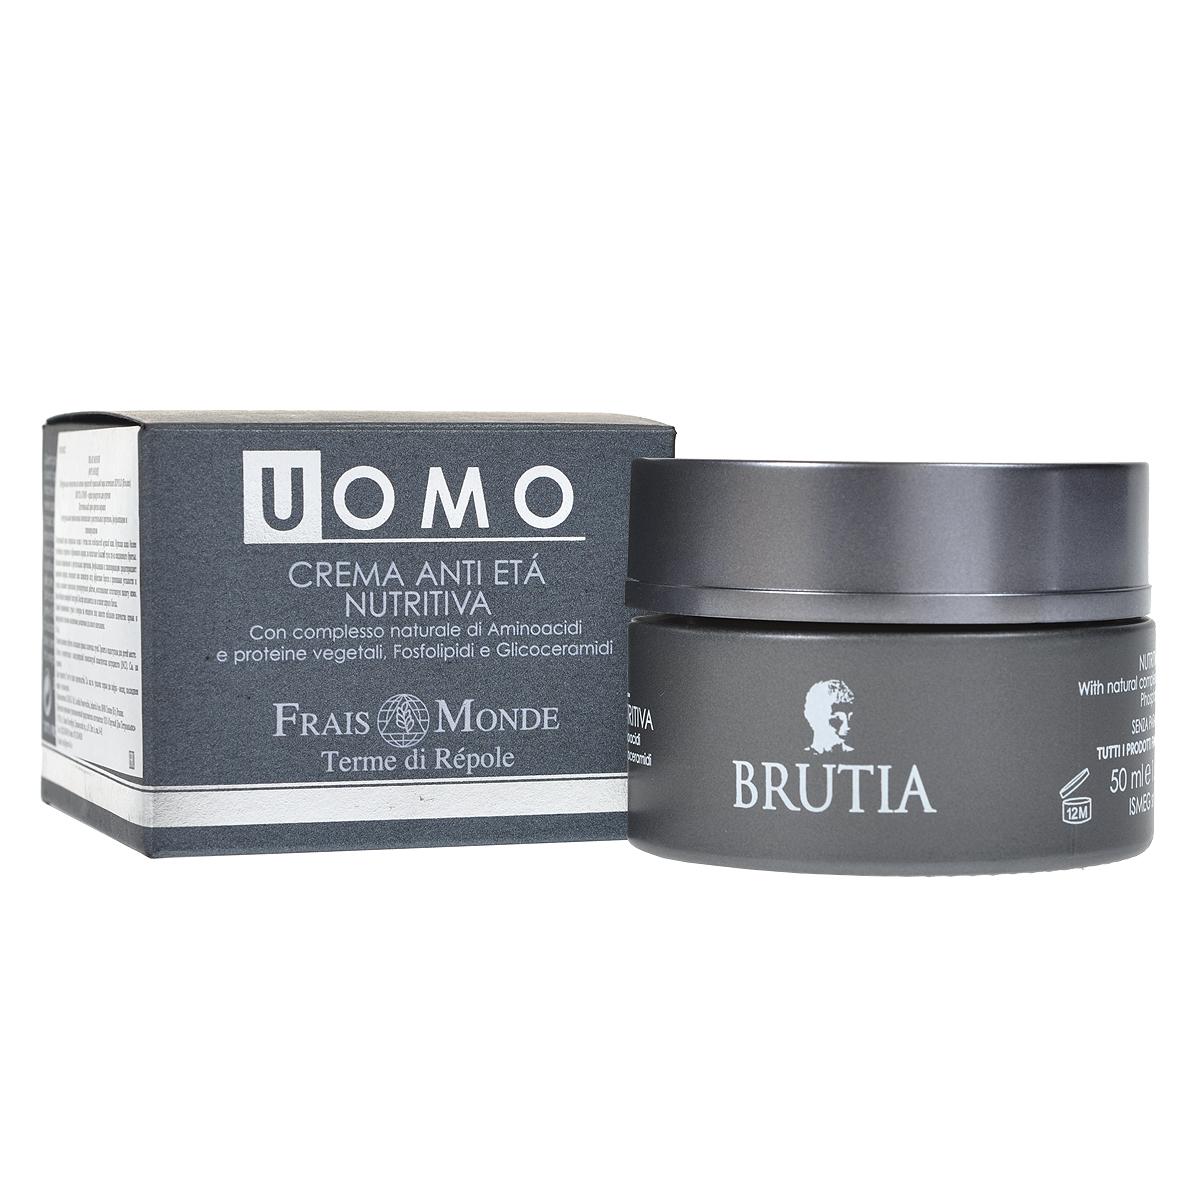 Питательный крем Brutia. Frais Monde против морщин, для мужчин, 50 мл libre derm косметика производитель